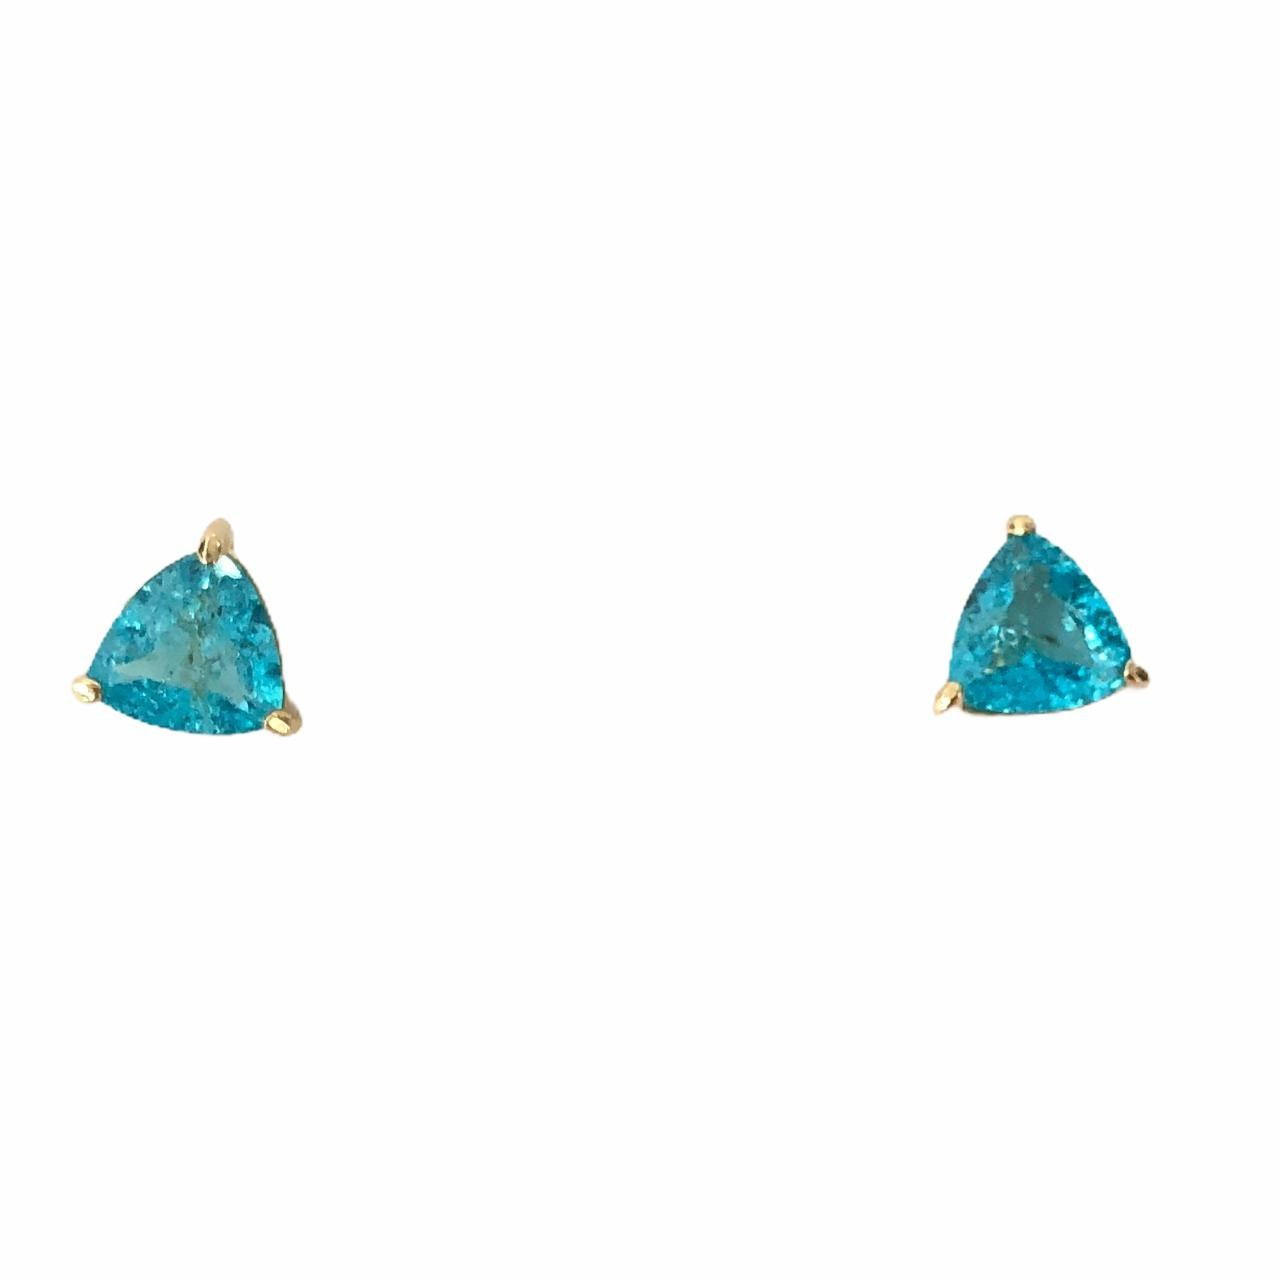 Brinco Triângulo Zircônia Azul Bombardeada Banho em Ouro 18k